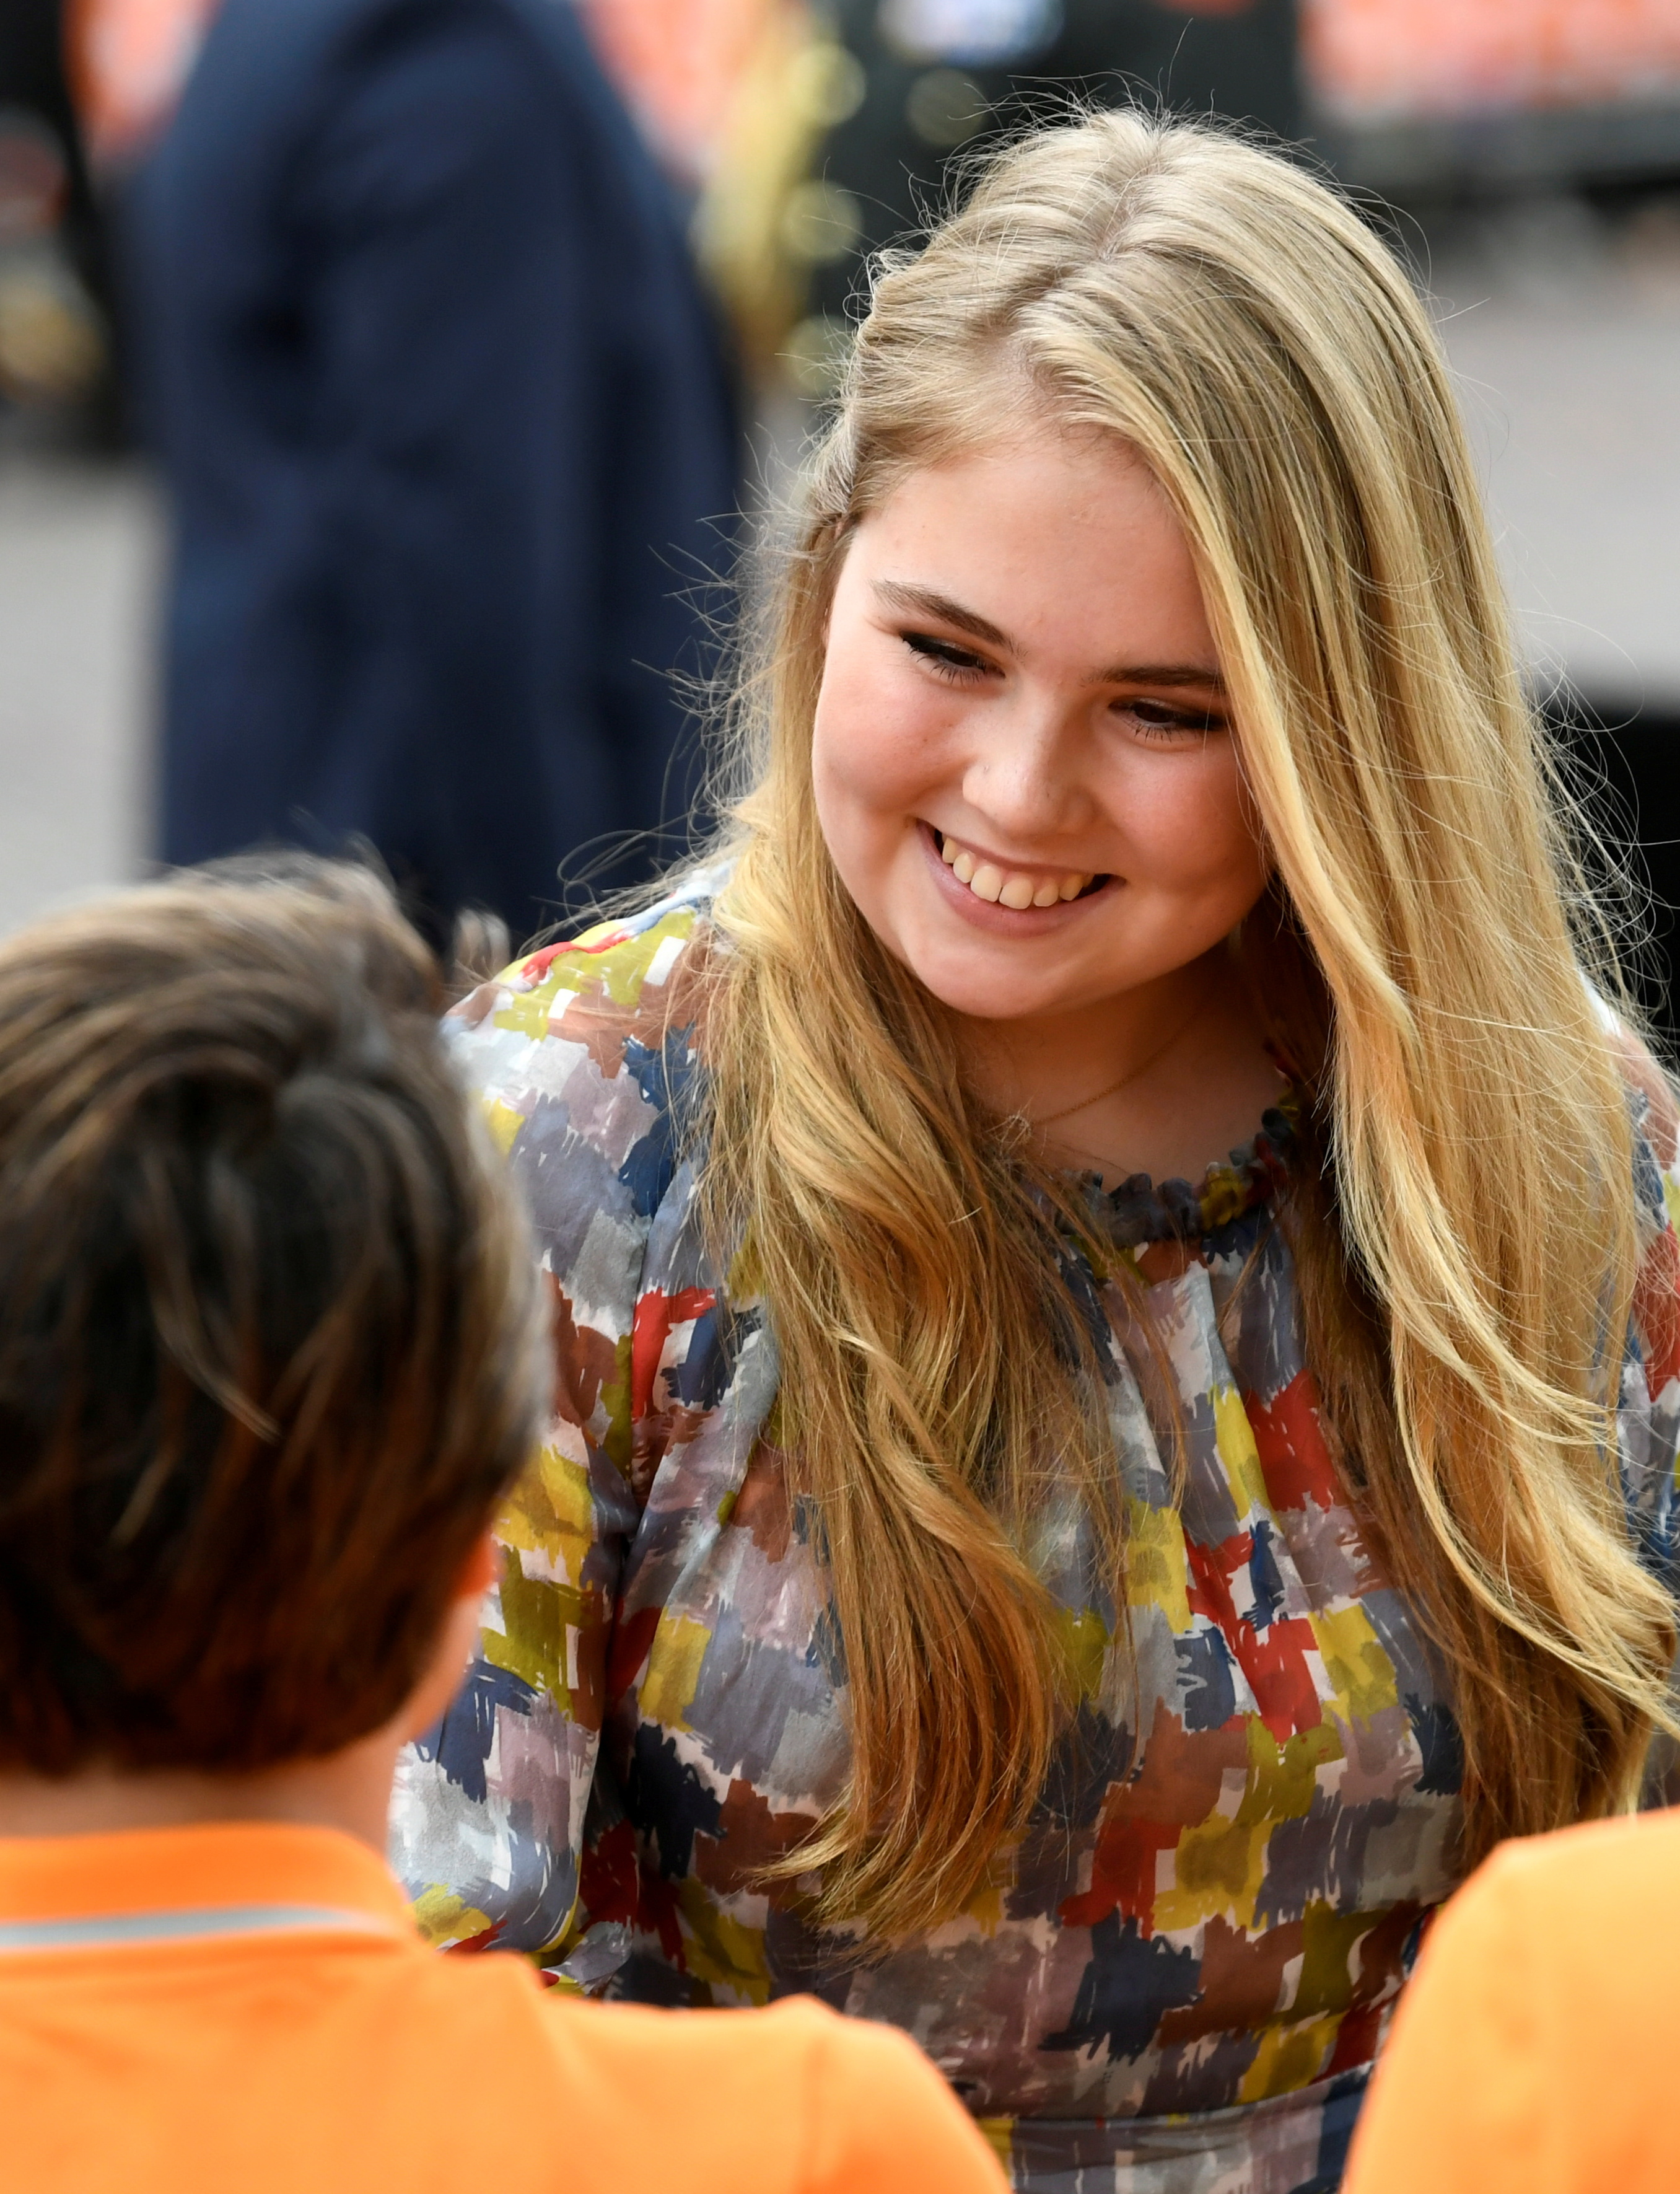 La princesa Catharina-Amalia de Países Bajos saluda a la gente durante el Día del Rey en Amersfoort, Países Bajos.